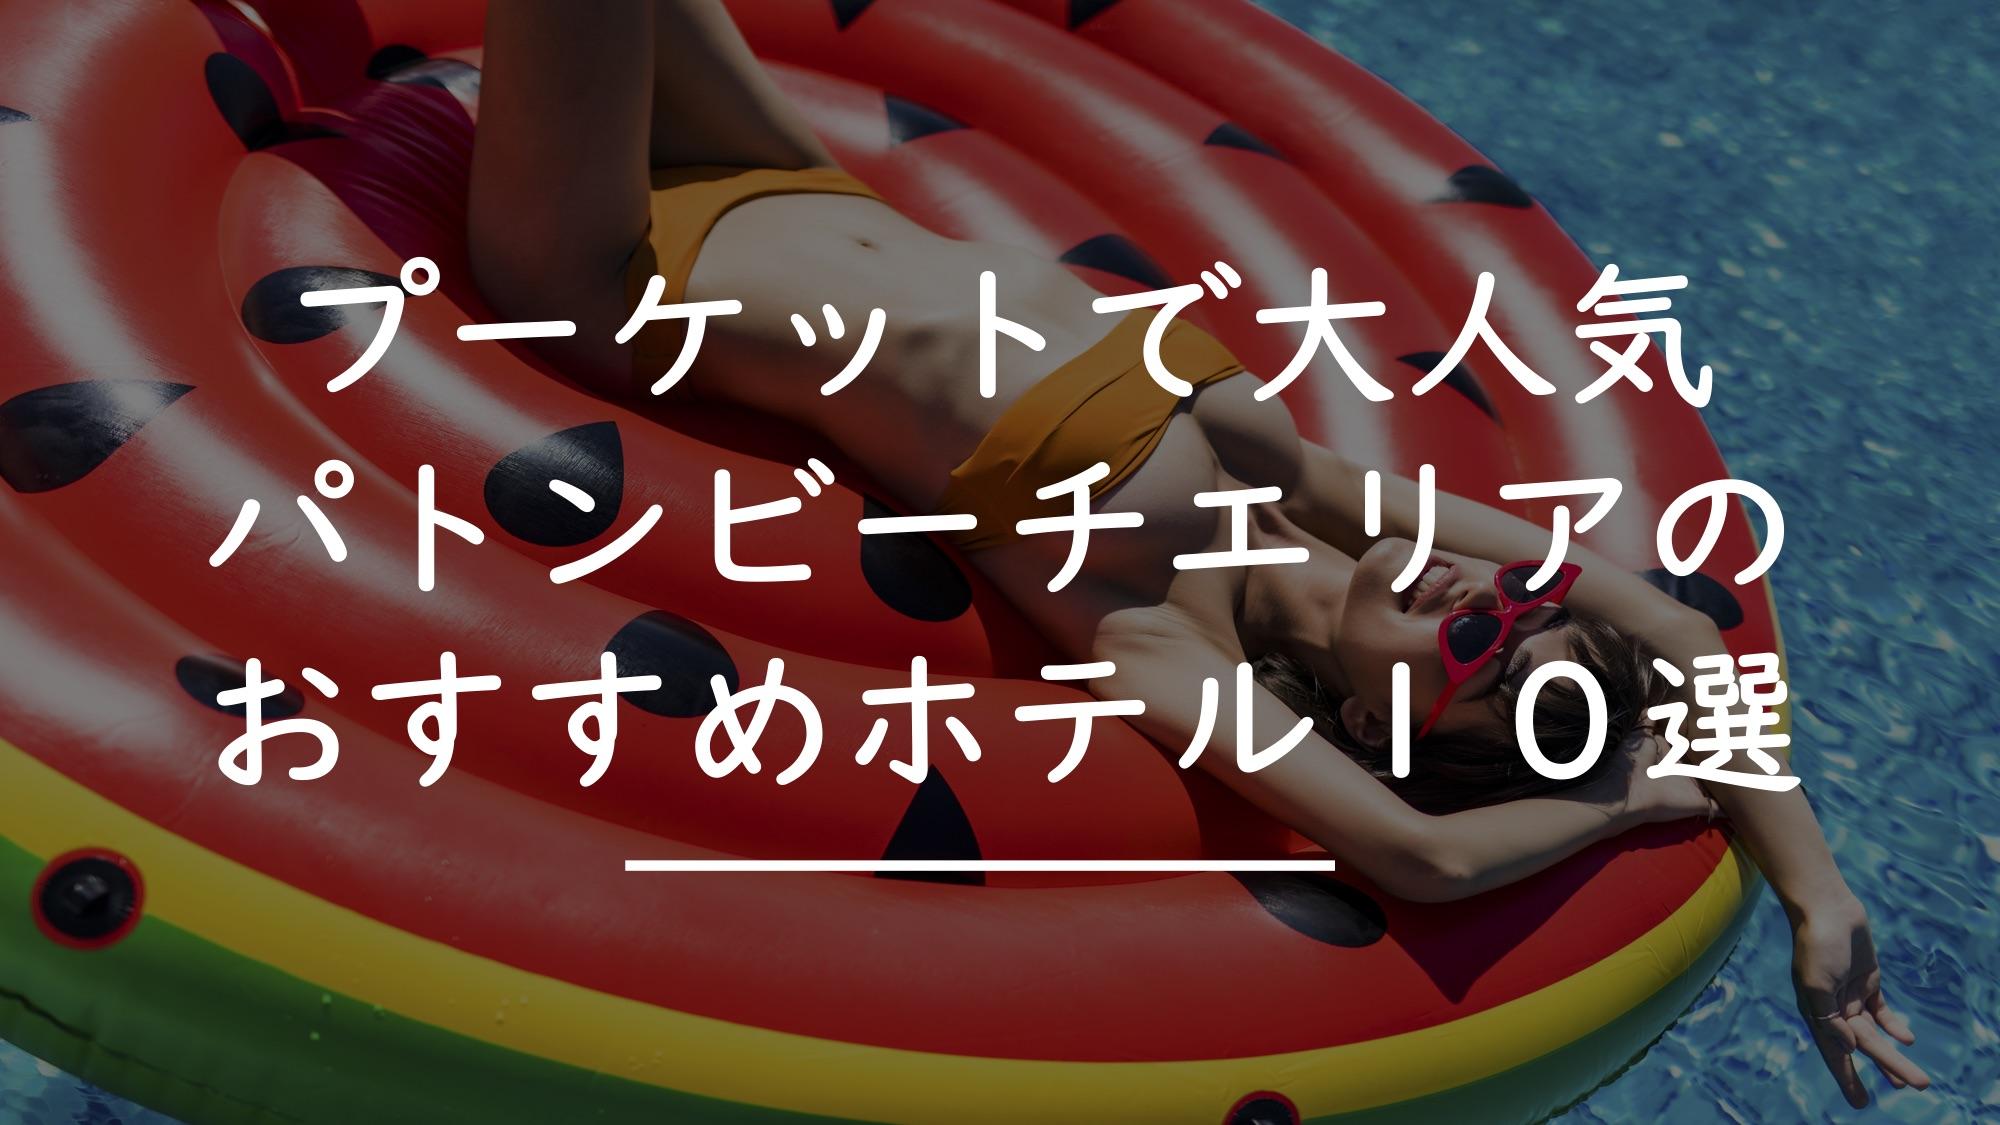 プーケット【パトンビーチ 周辺】のおすすめホテル10選